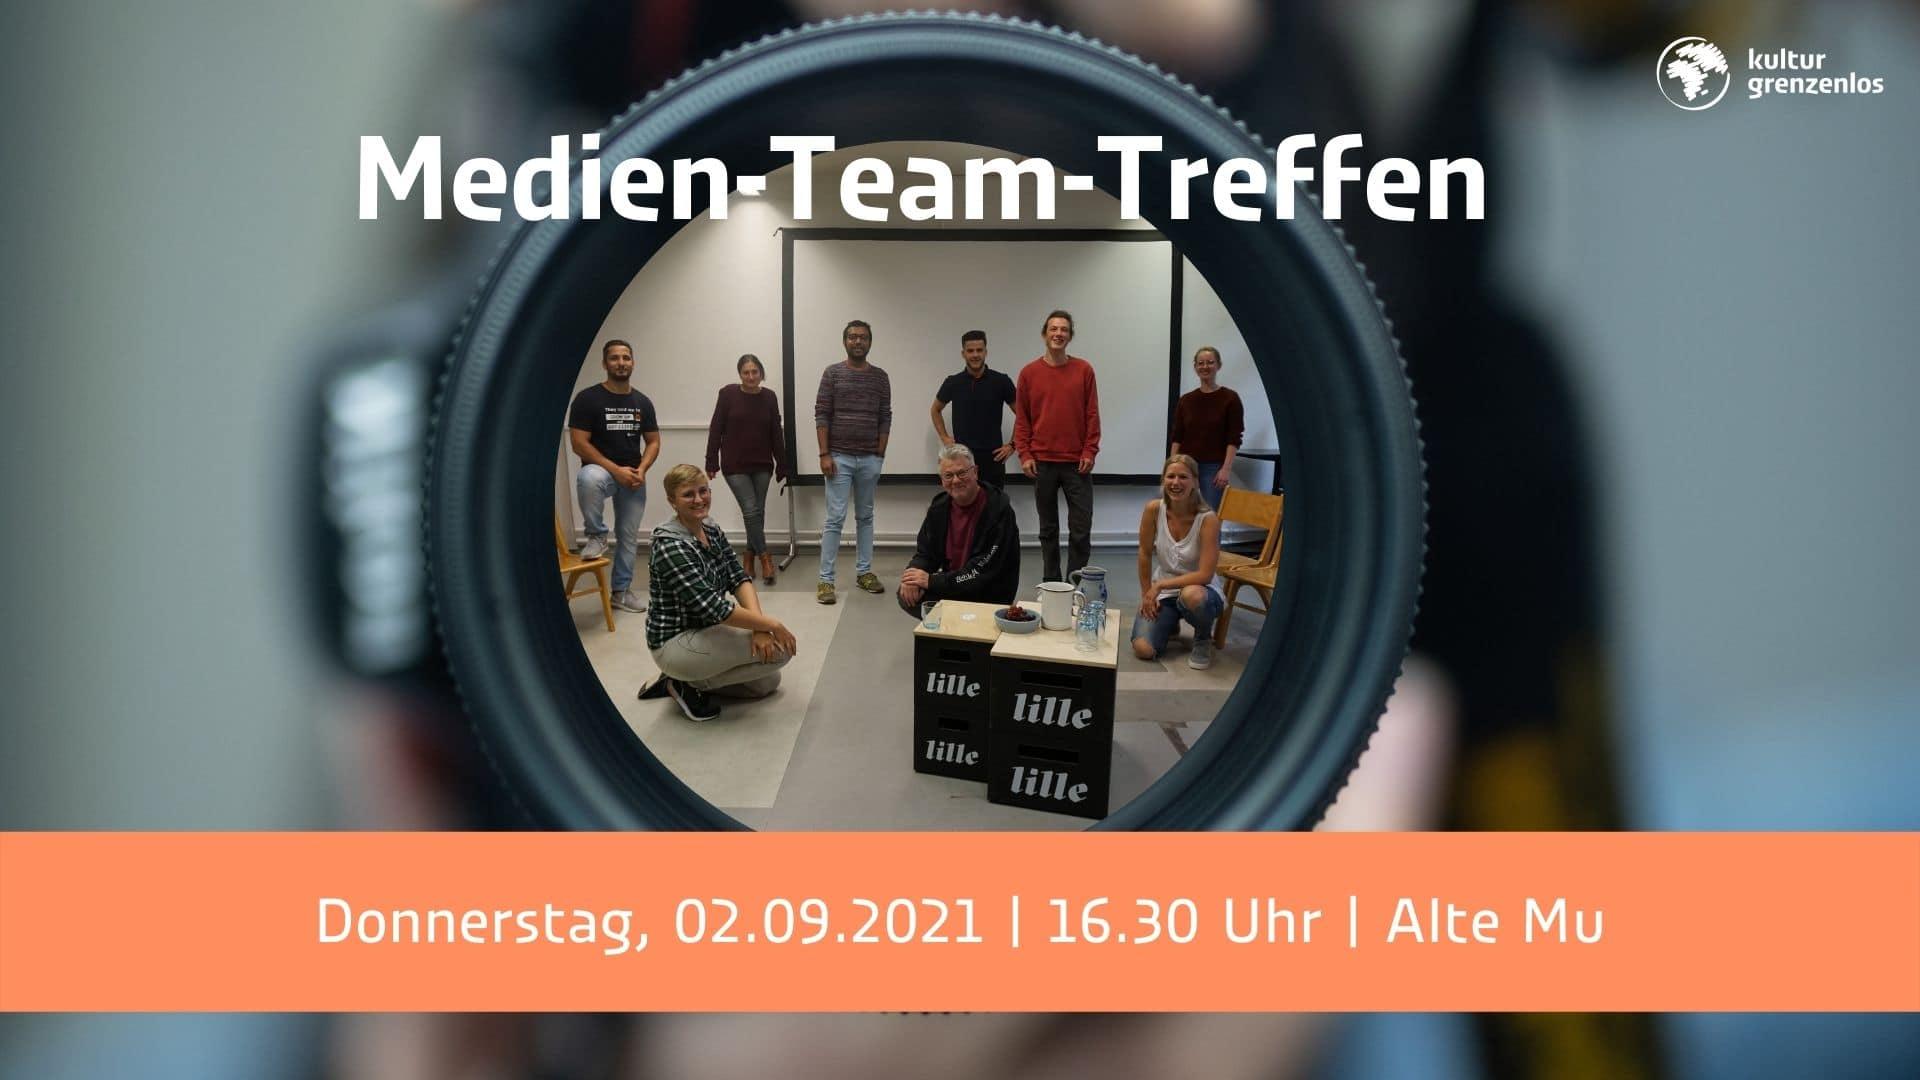 Das Medien-Team-Treffen ist am 02.09.21